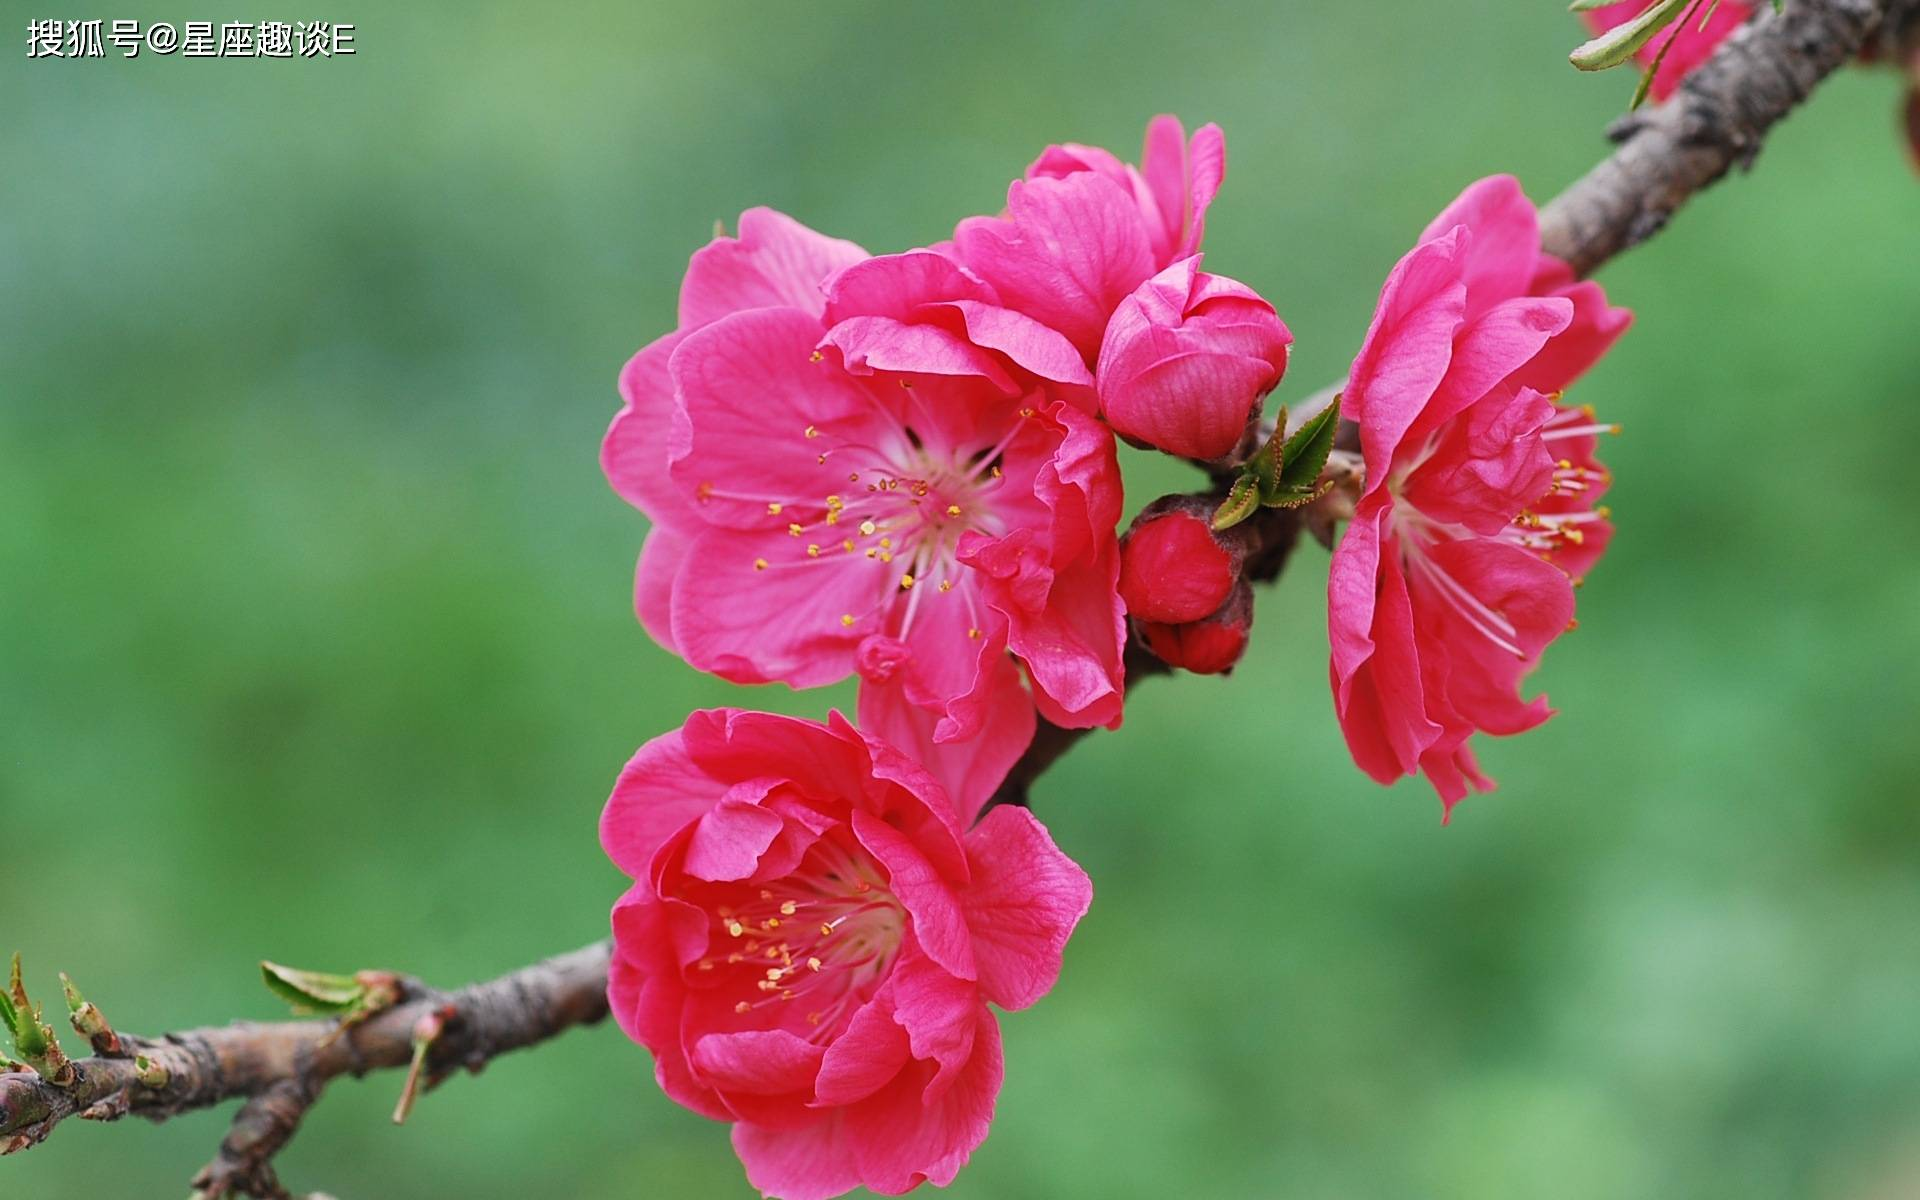 在4月中旬,爱情归位,满心欢喜,修成正果的三大星座  第1张